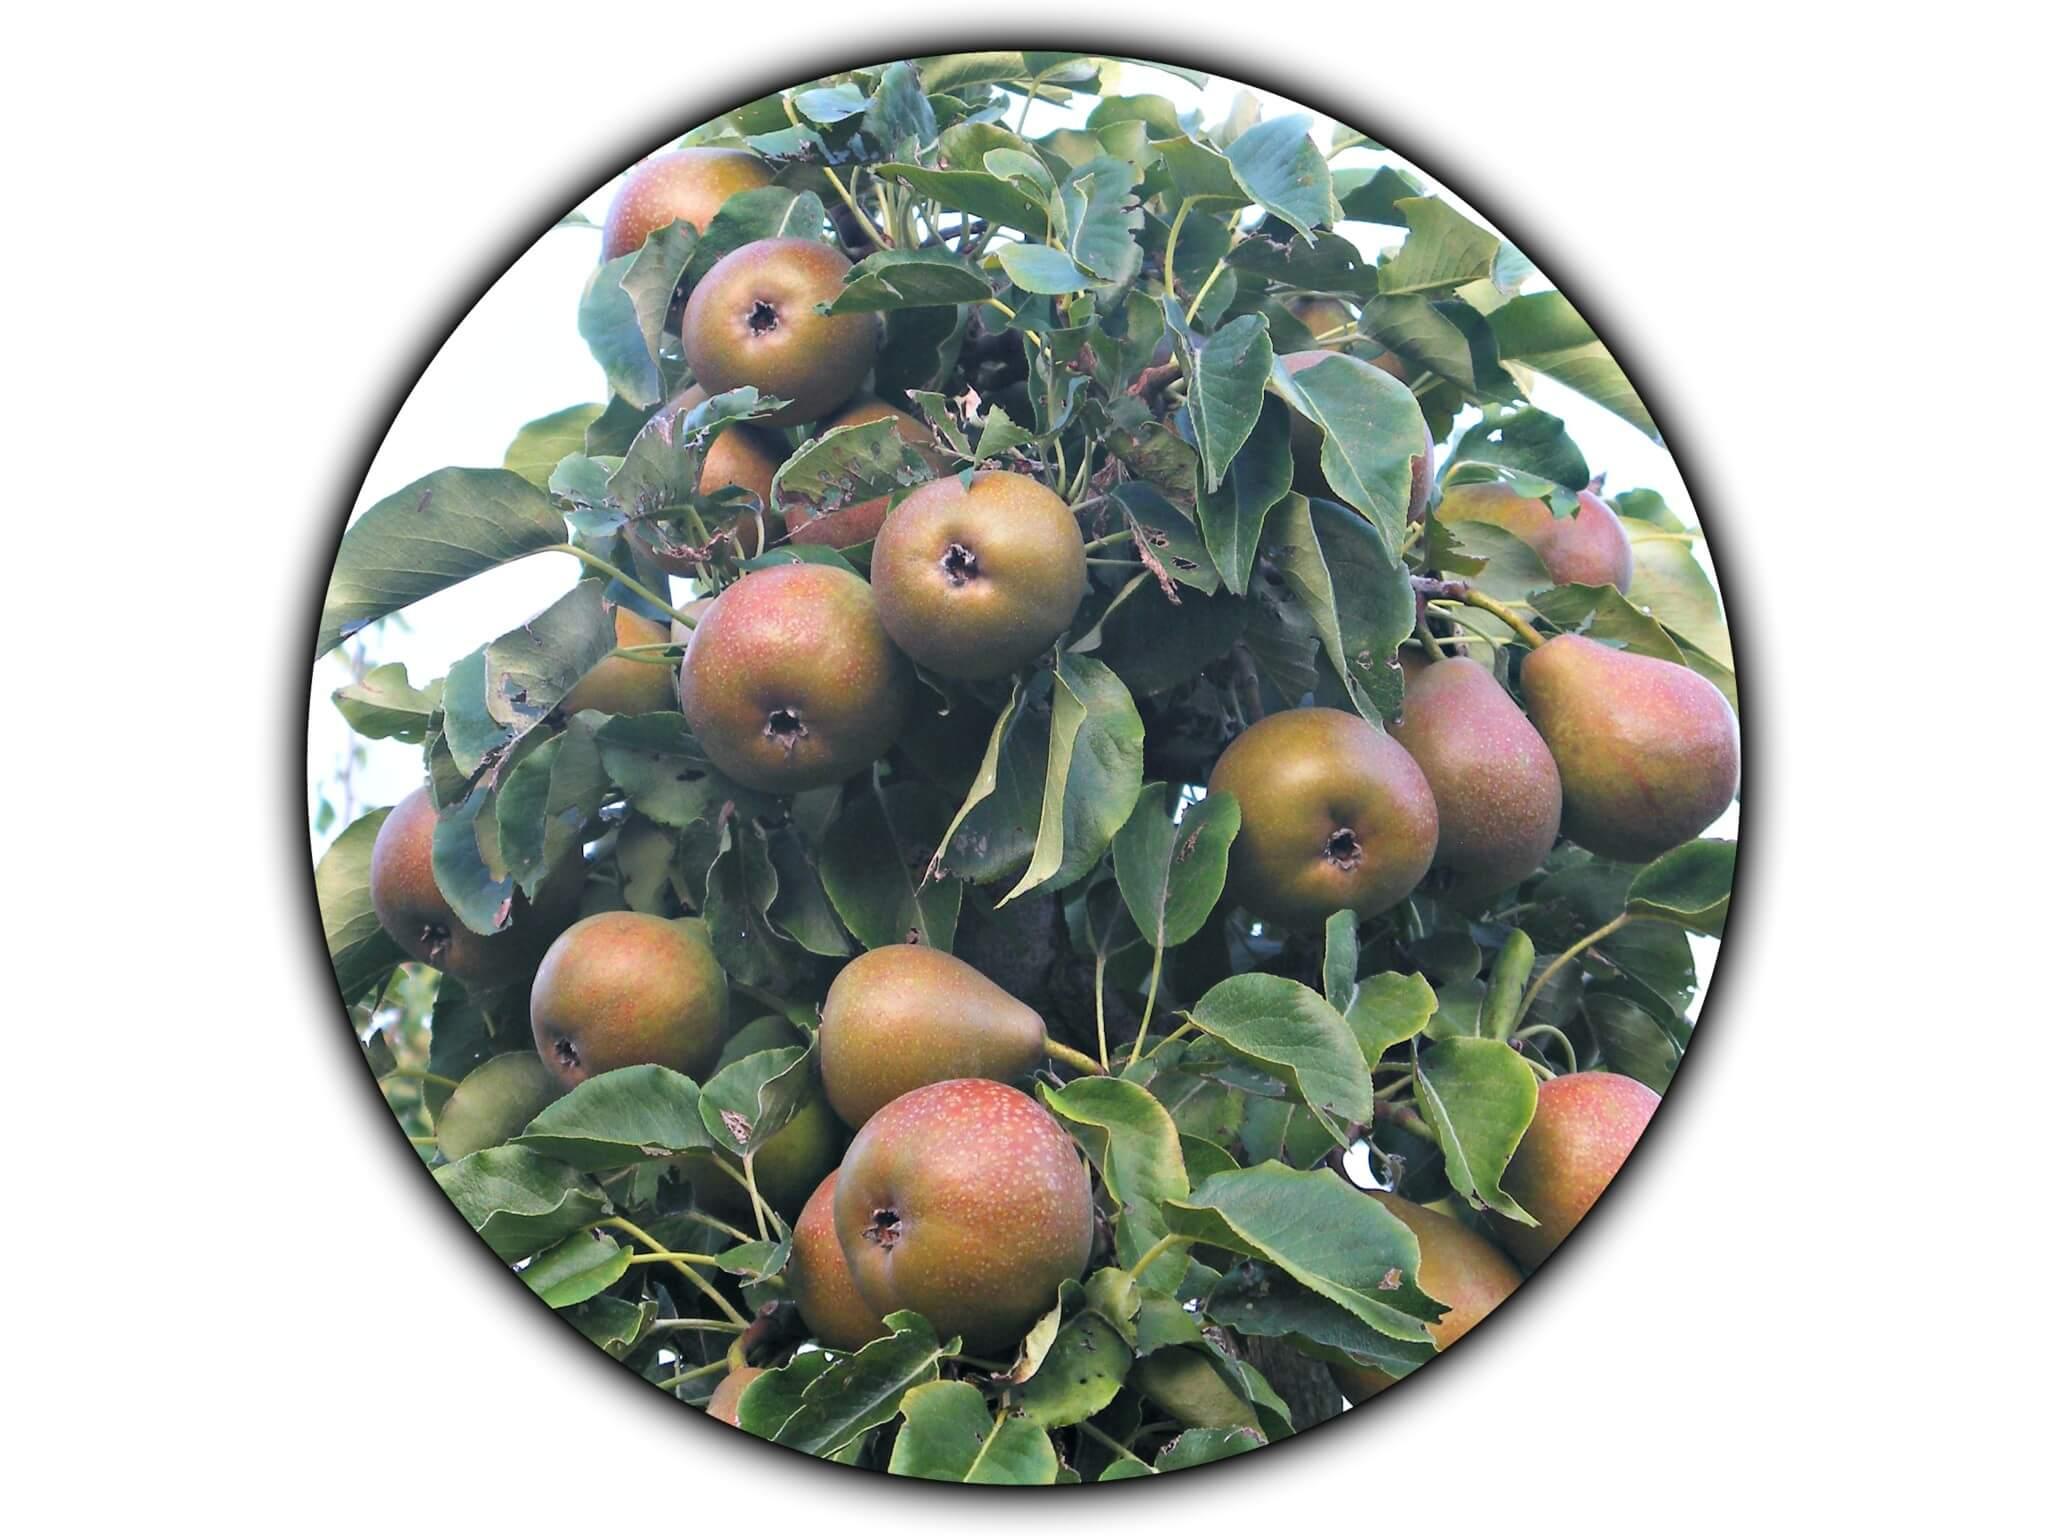 Fruitbedrijf Van den Berge: Onze perensoorten Gieser Wildeman